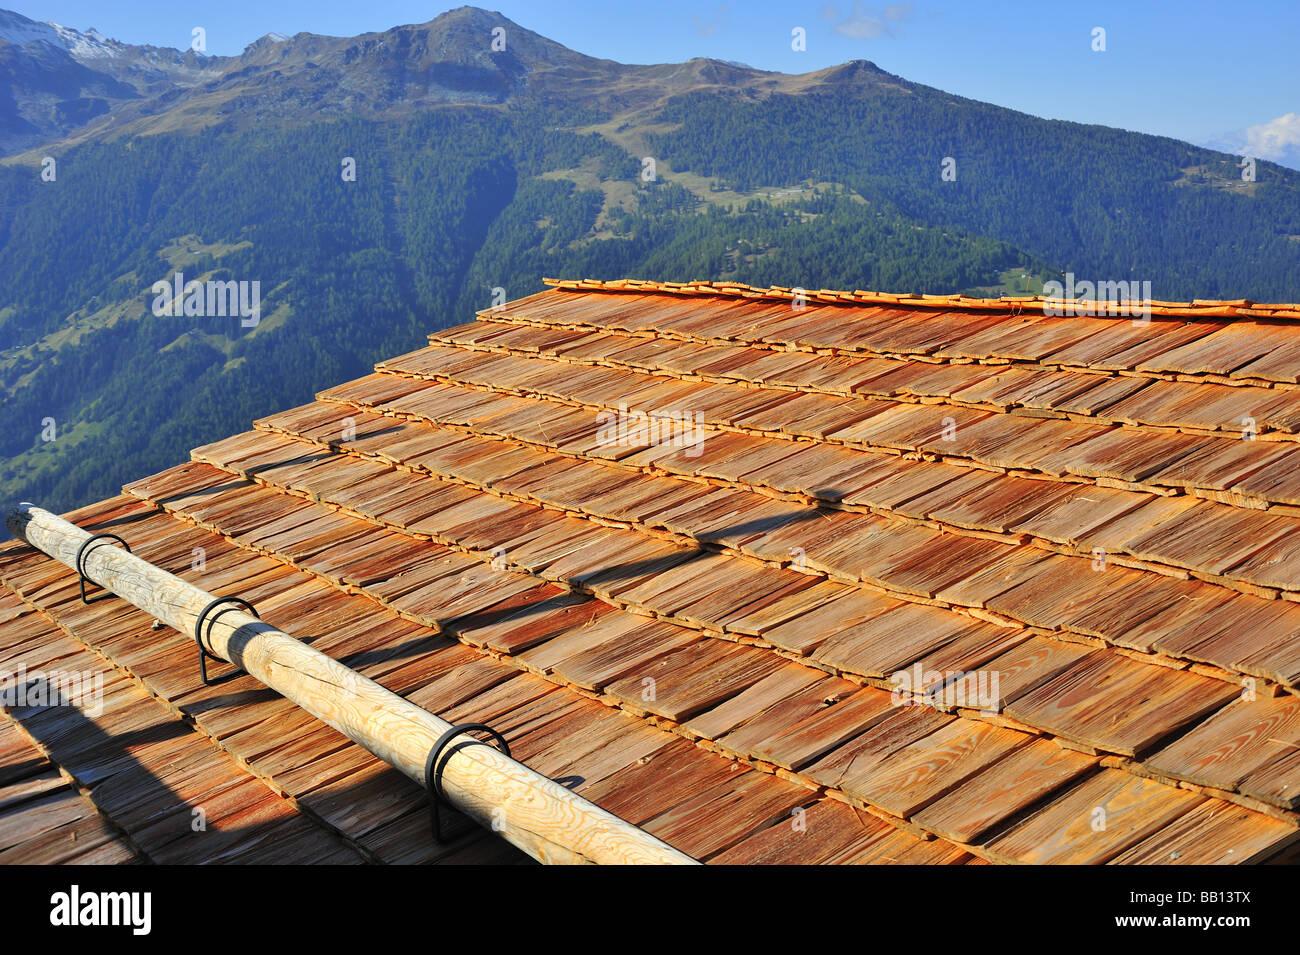 Cubierta de teja tradicionalmente en Suiza, utilizar madera sacude como las tejas del techo. Es de madera de cedro Imagen De Stock